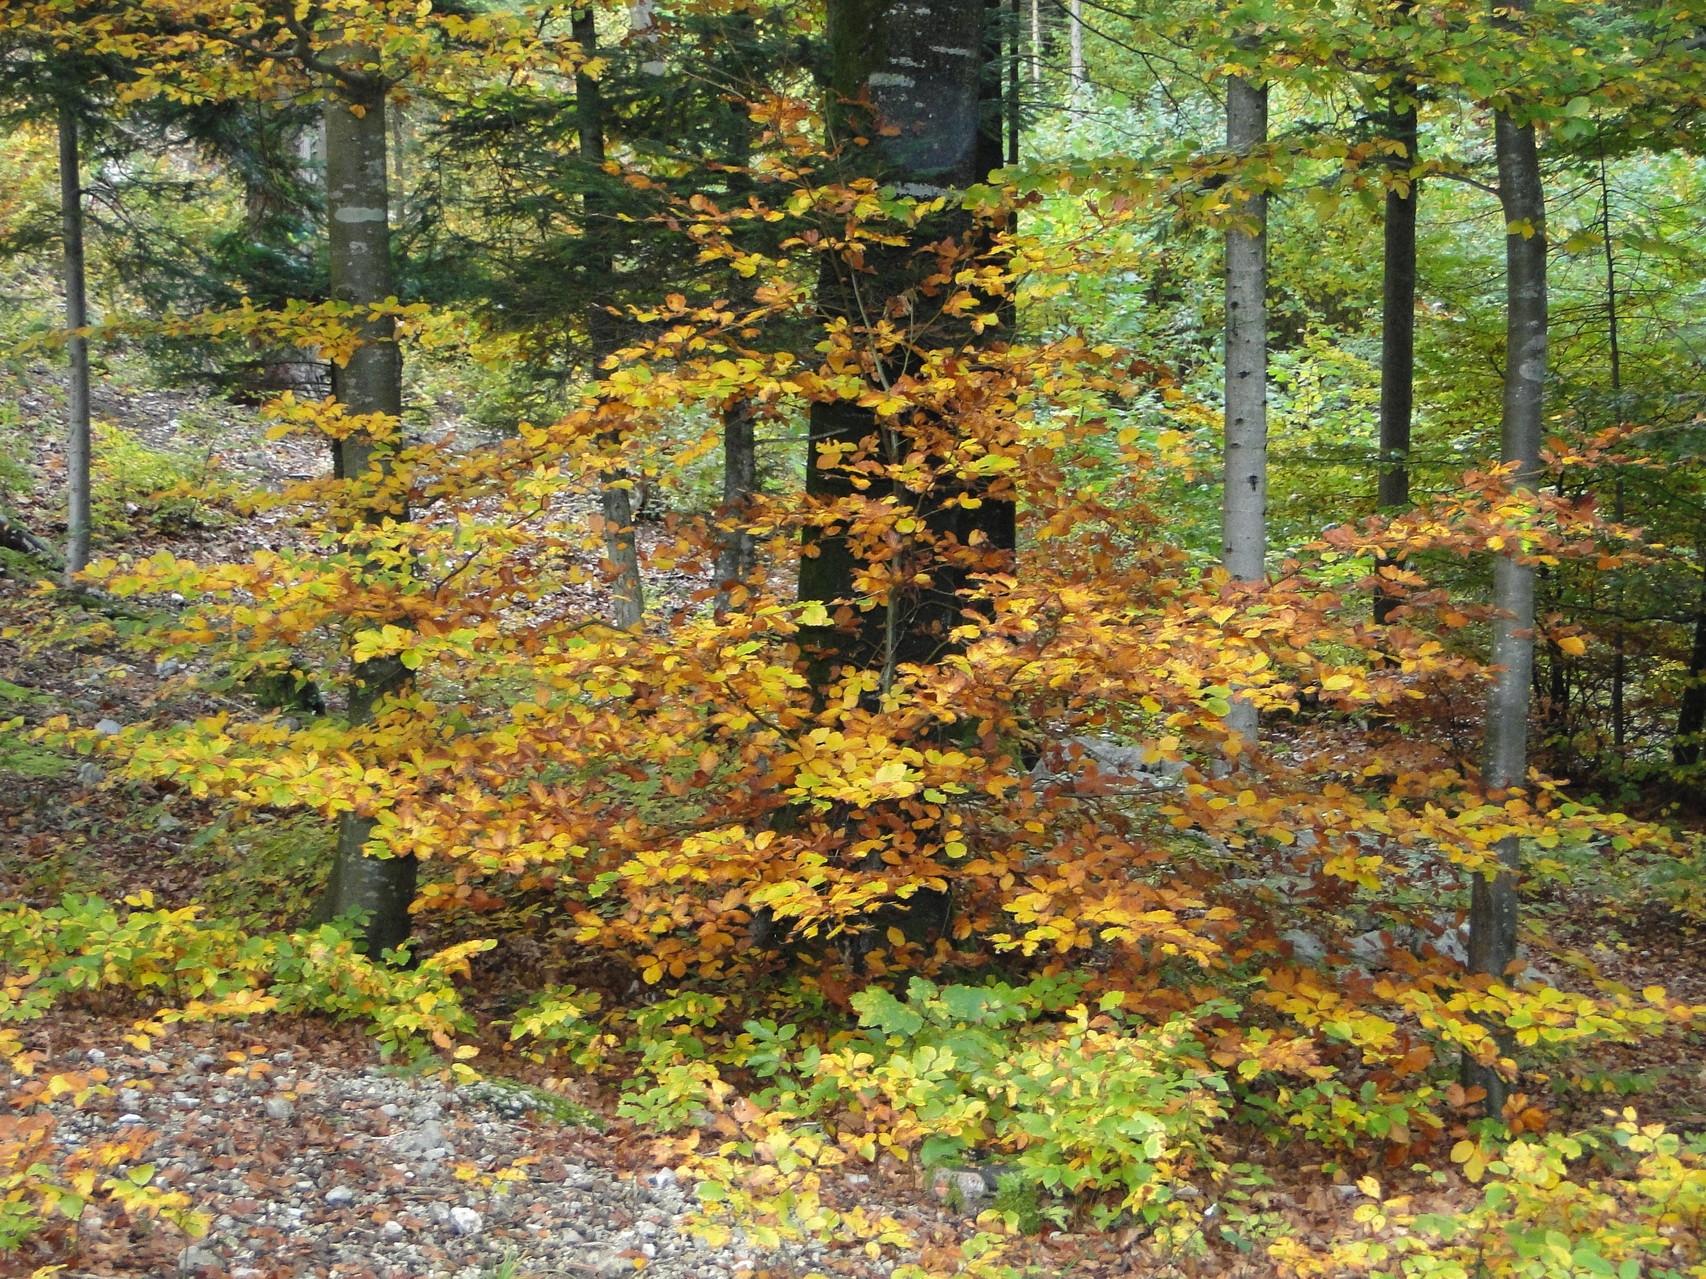 Wo befinden sich die Burgunder Trüffel? In solchen naturnahen herbstlichen Laubwälder in schweizer Mittelland beispielsweise.